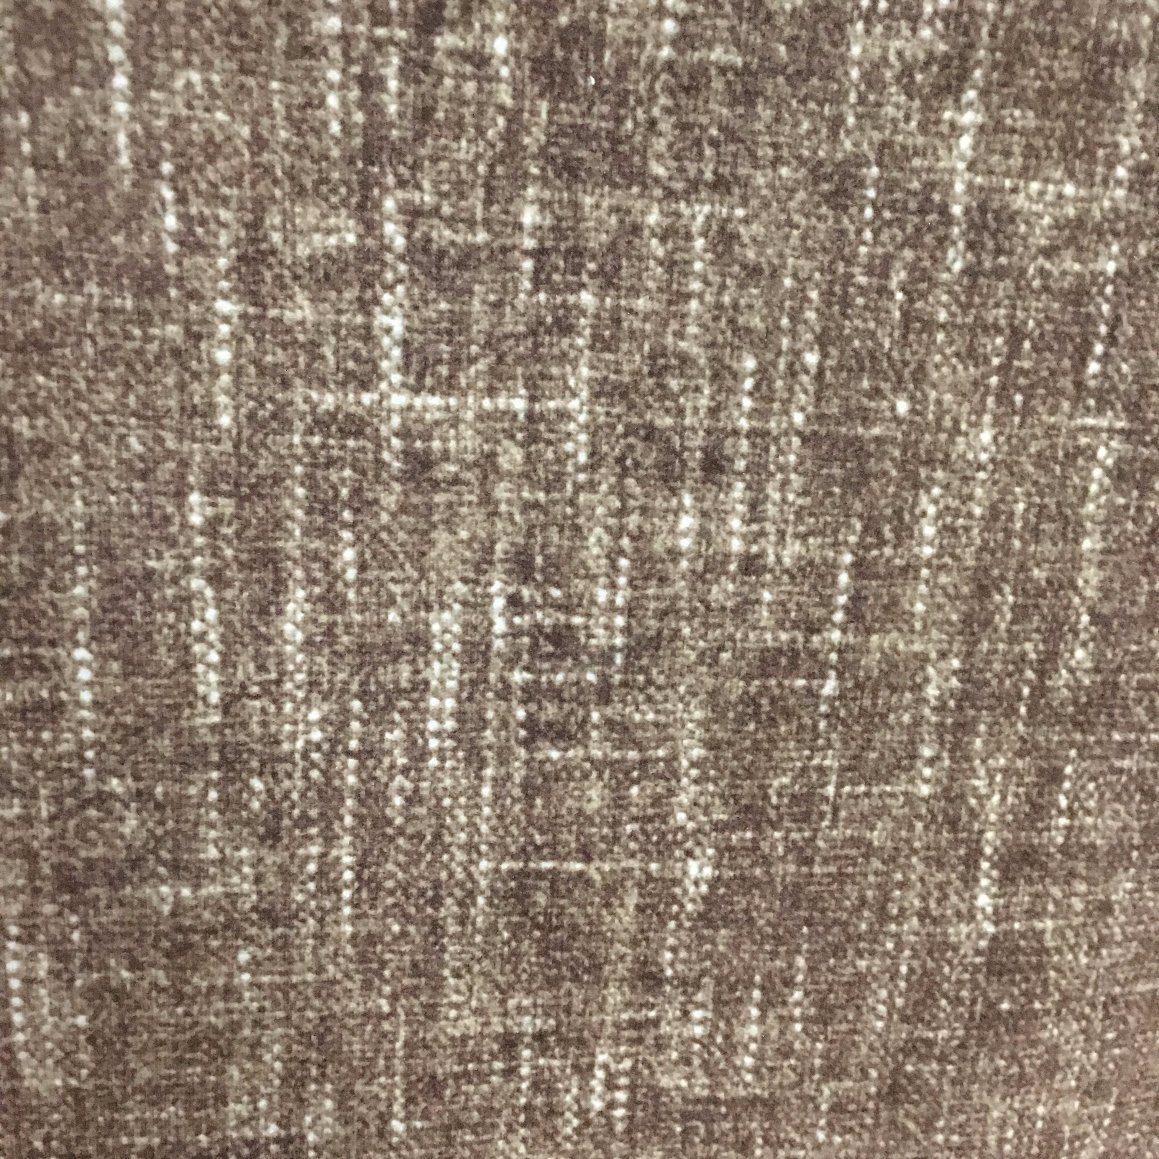 Polyester Printed Knitting Velvet (P003)